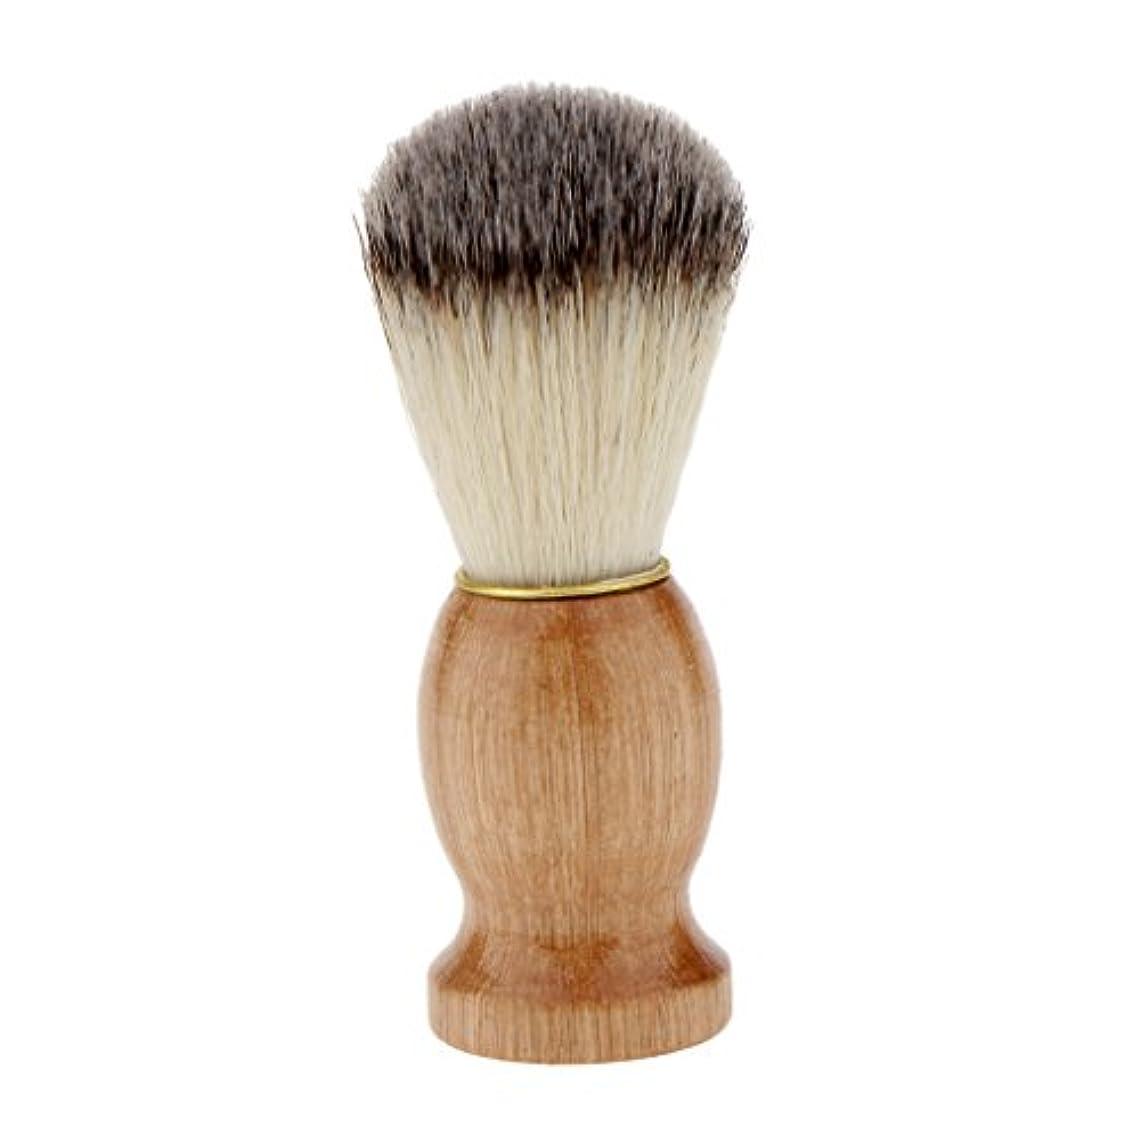 折り目その結果爪男性ギフト剃毛シェービングブラシプロ理髪店サロン剛毛ブラシウッドハンドルダストクリーニングツール